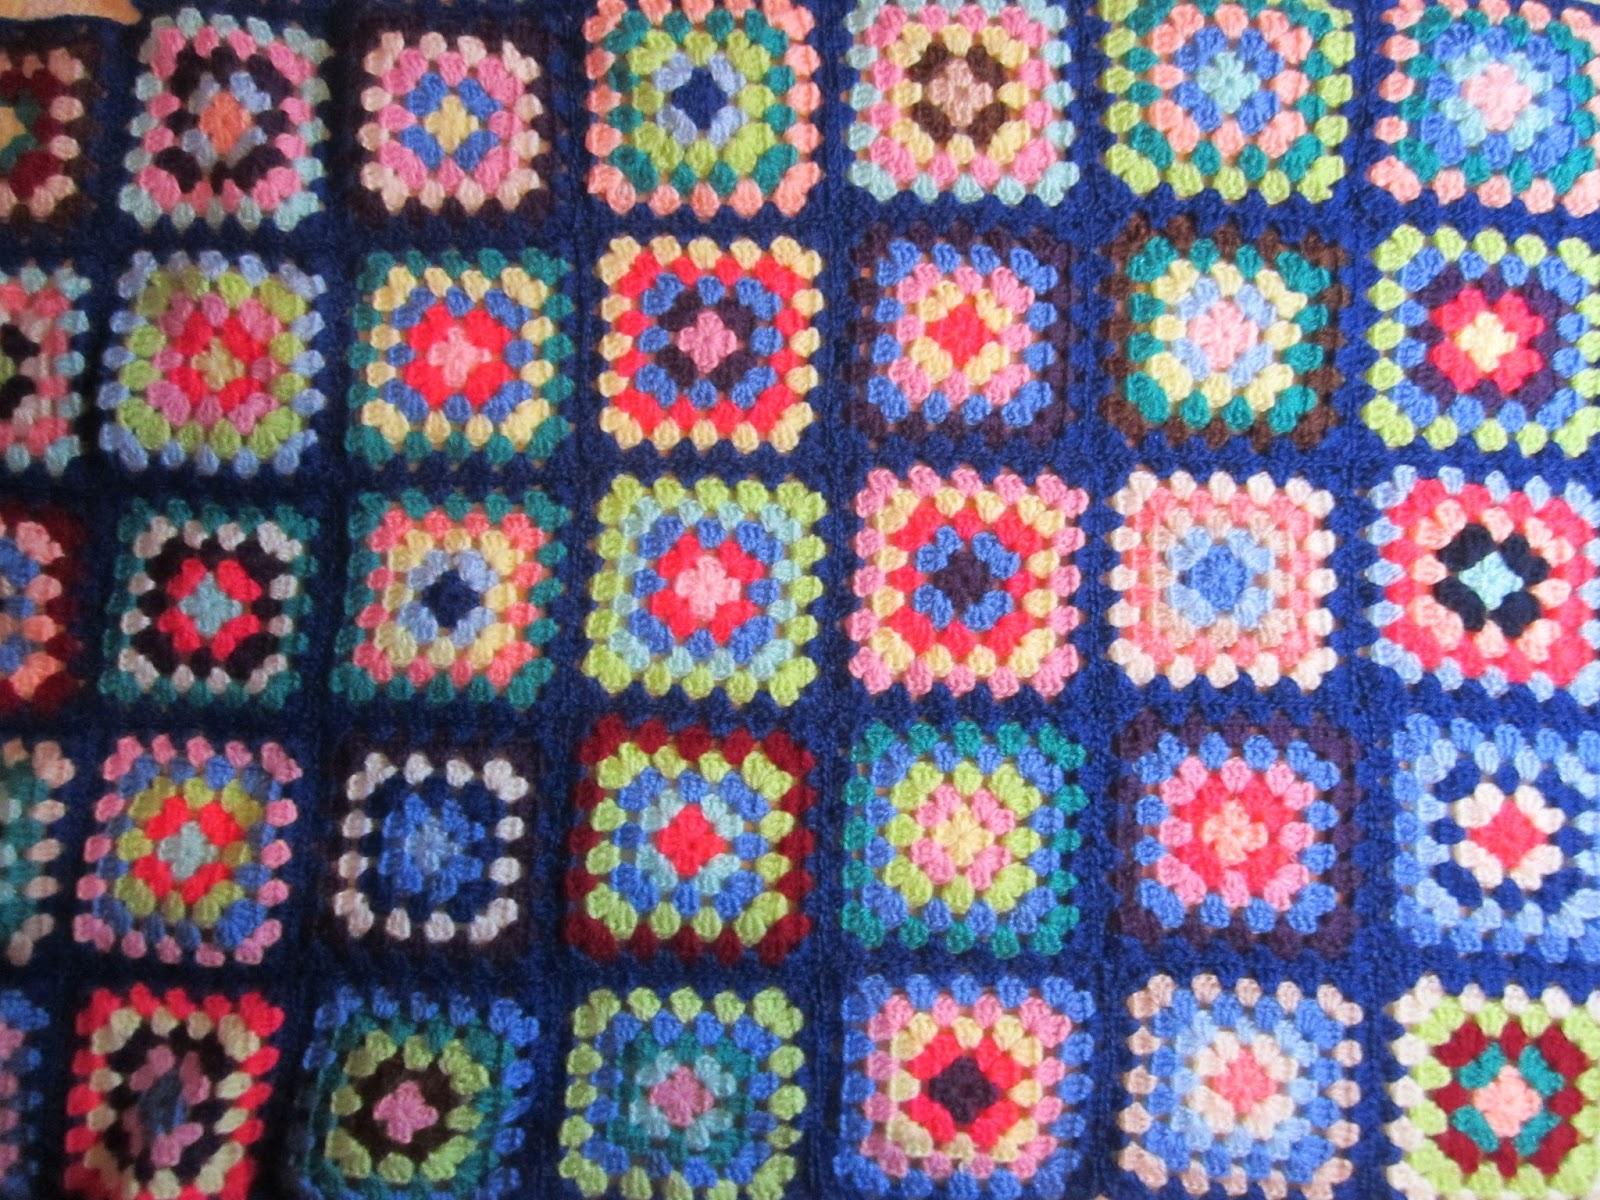 Fairy creations la coperta della nonna ricordi di un tempo - Coperta uncinetto piastrelle ...